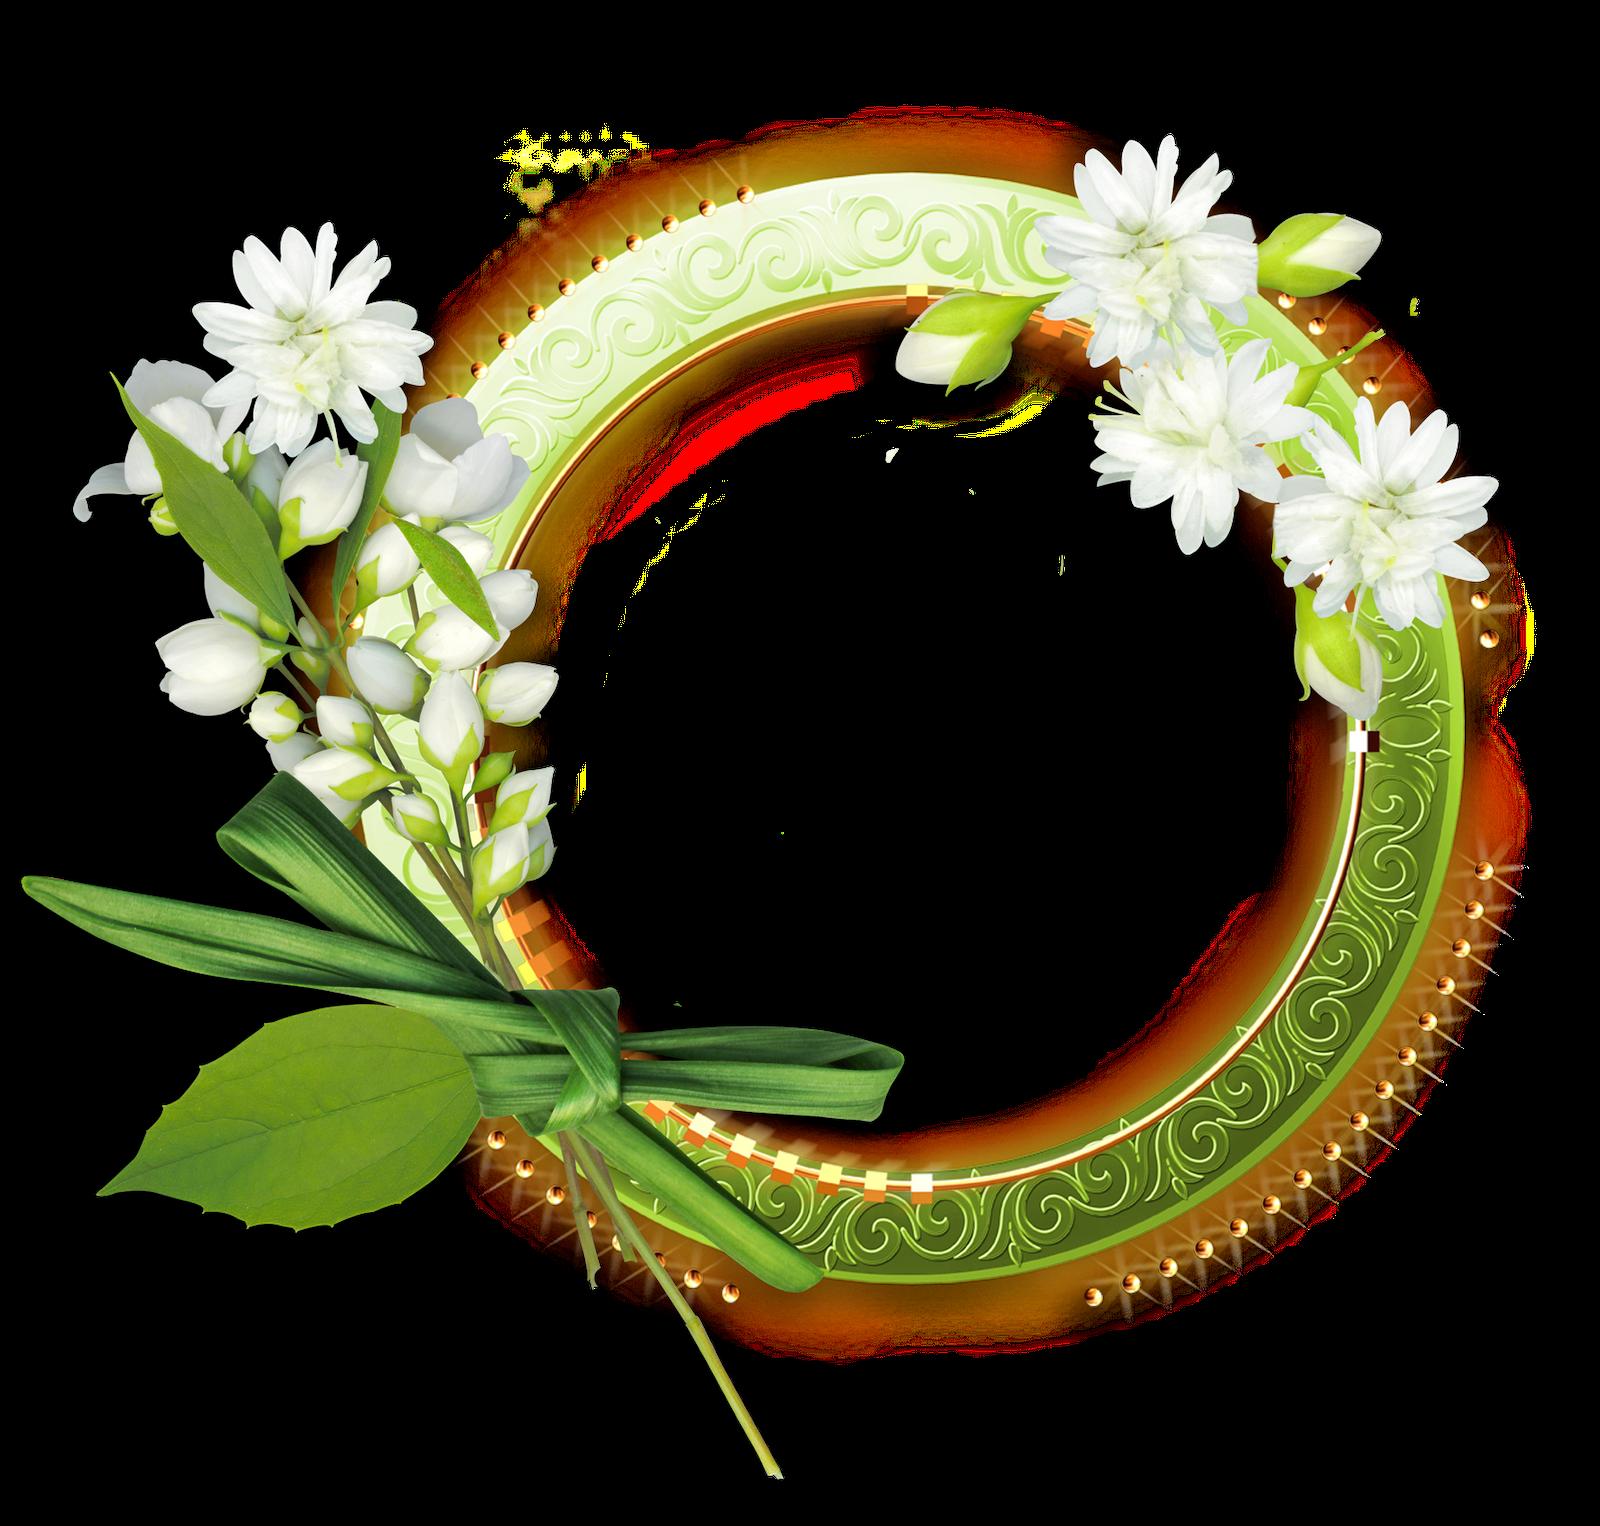 Marcos florales para fotos formato png gratis - Marcos redondos para cuadros ...